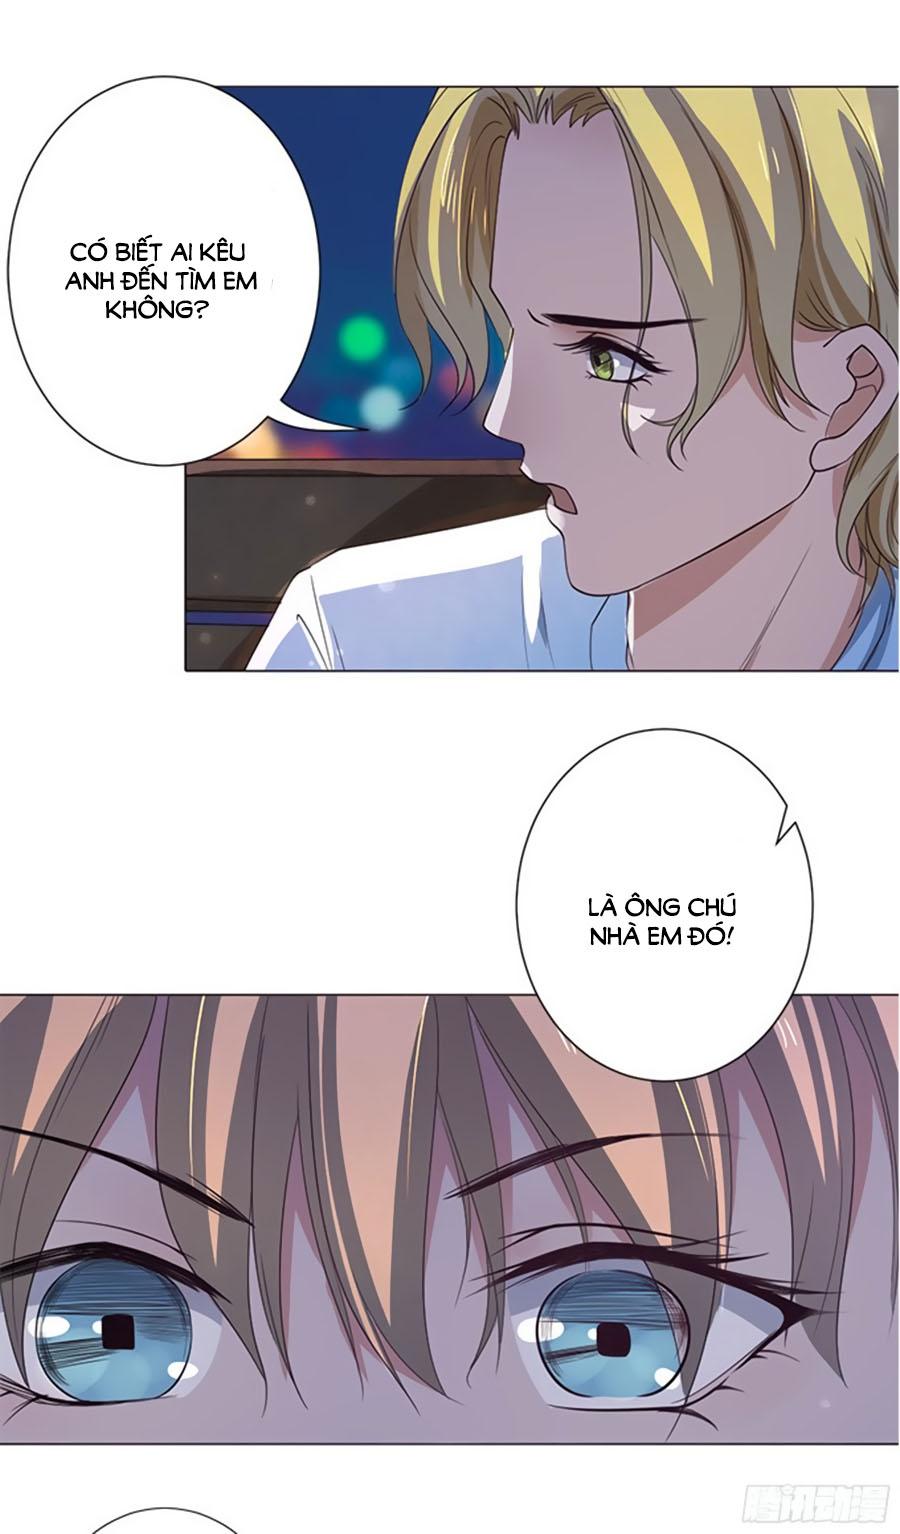 Bác Sĩ Sở Cũng Muốn Yêu chap 48 - Trang 12